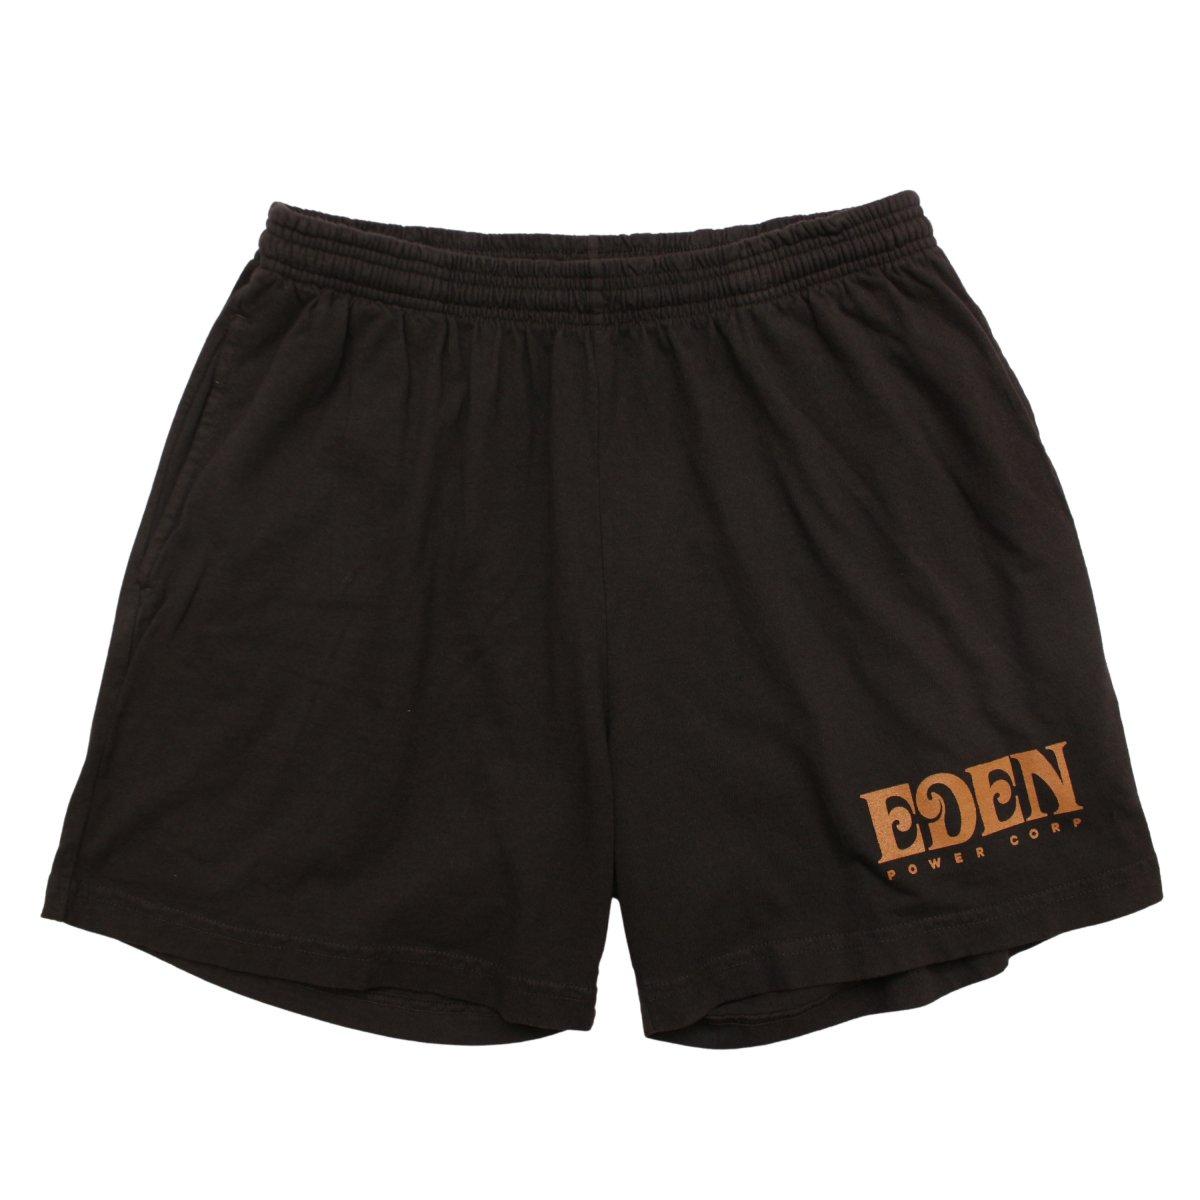 Eden Sweat Recycled Sweatshort【BLACK】